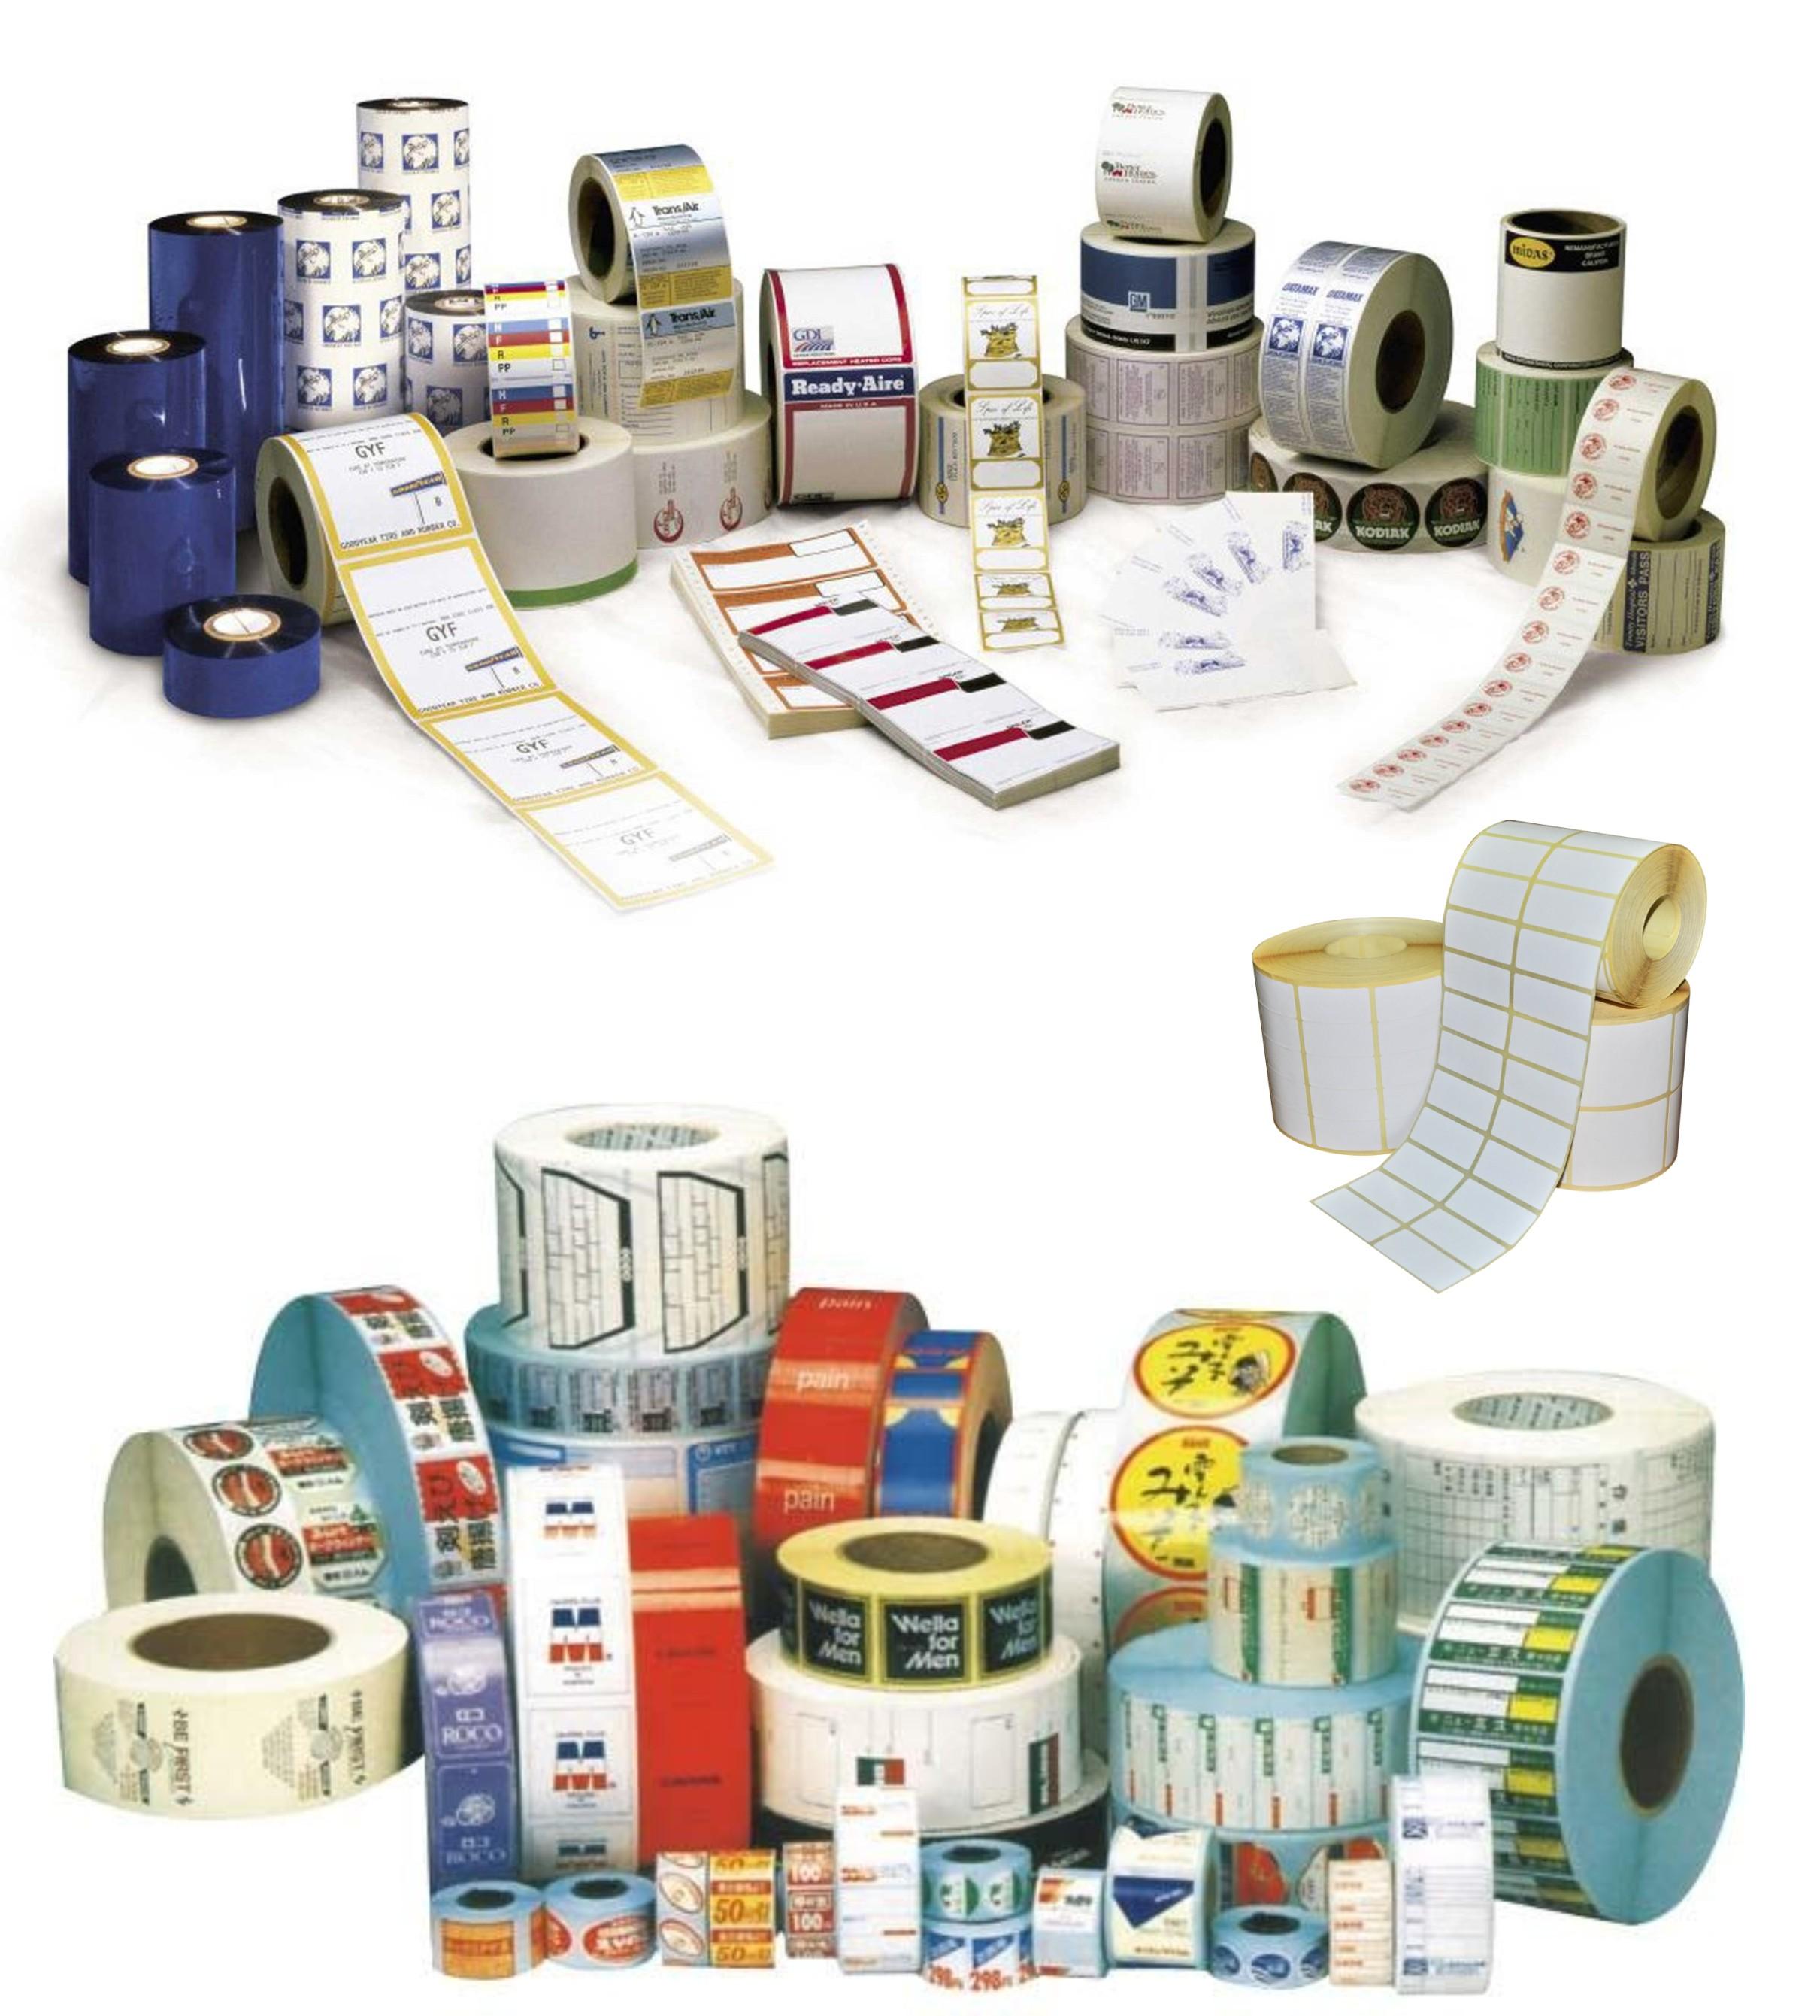 Gıda etiketleri,kozmetik ambalaj etiketleri,konya rulo etiket imalatı,konya ribon imalatı,konya japon akmazı,konya yazıcı etiketleri,garanti etiketleri,hologramlı etiket,konya barkot sistemleri,konya barcod,konya rulo etiket,konya şeffaf etiket,konya lazer etiket,konya seri etiket,konya pos etiketi,konya argox etiketi,ark rulo etiket